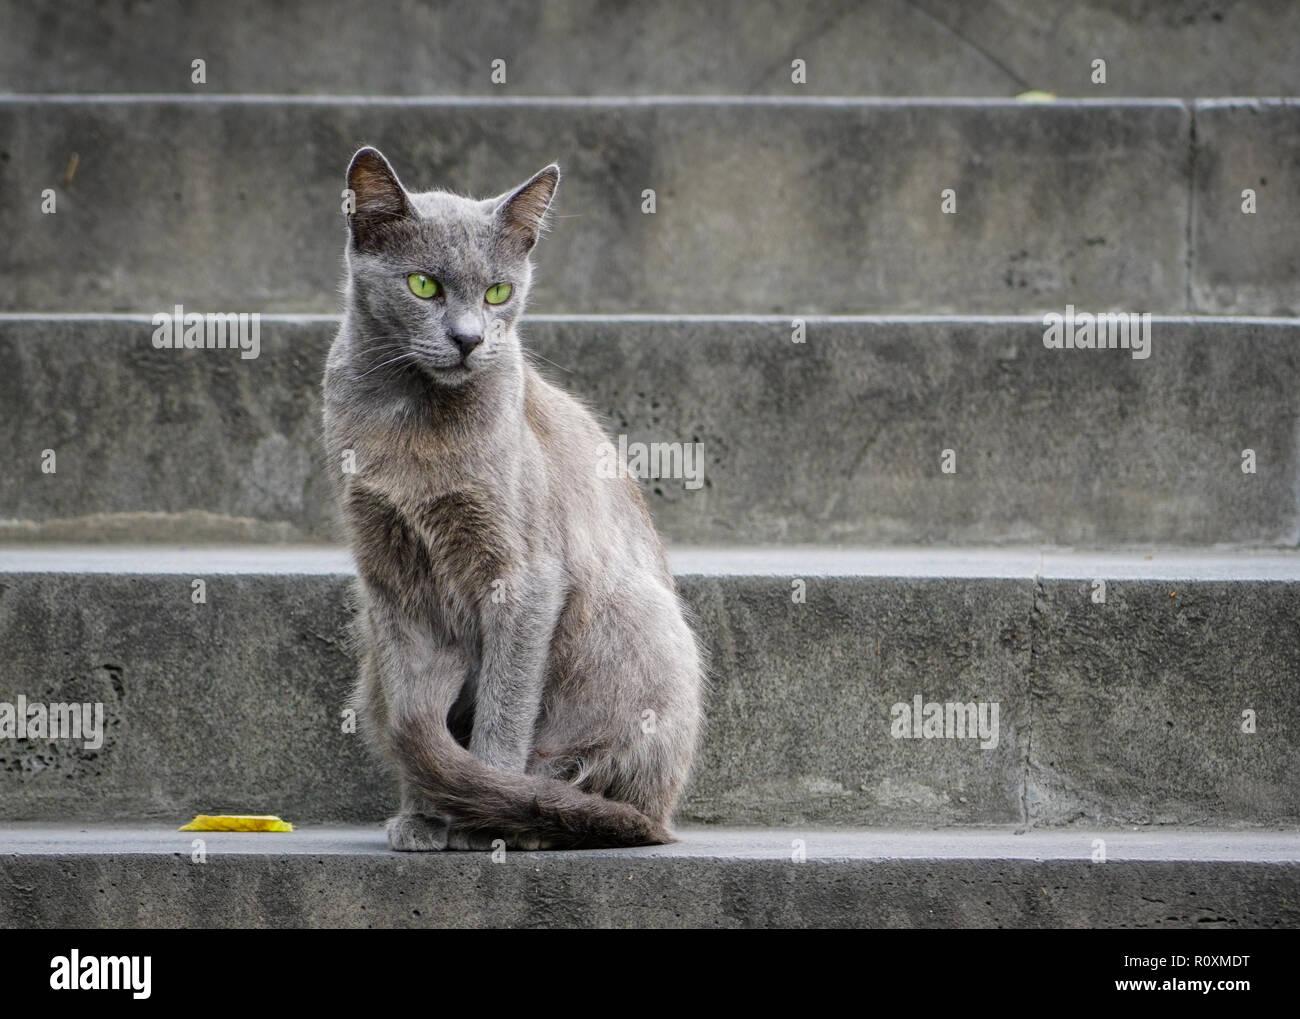 Belo gato cinza de olhos verdes sentado em uma escada de pedra cinzenta Imagens de Stock